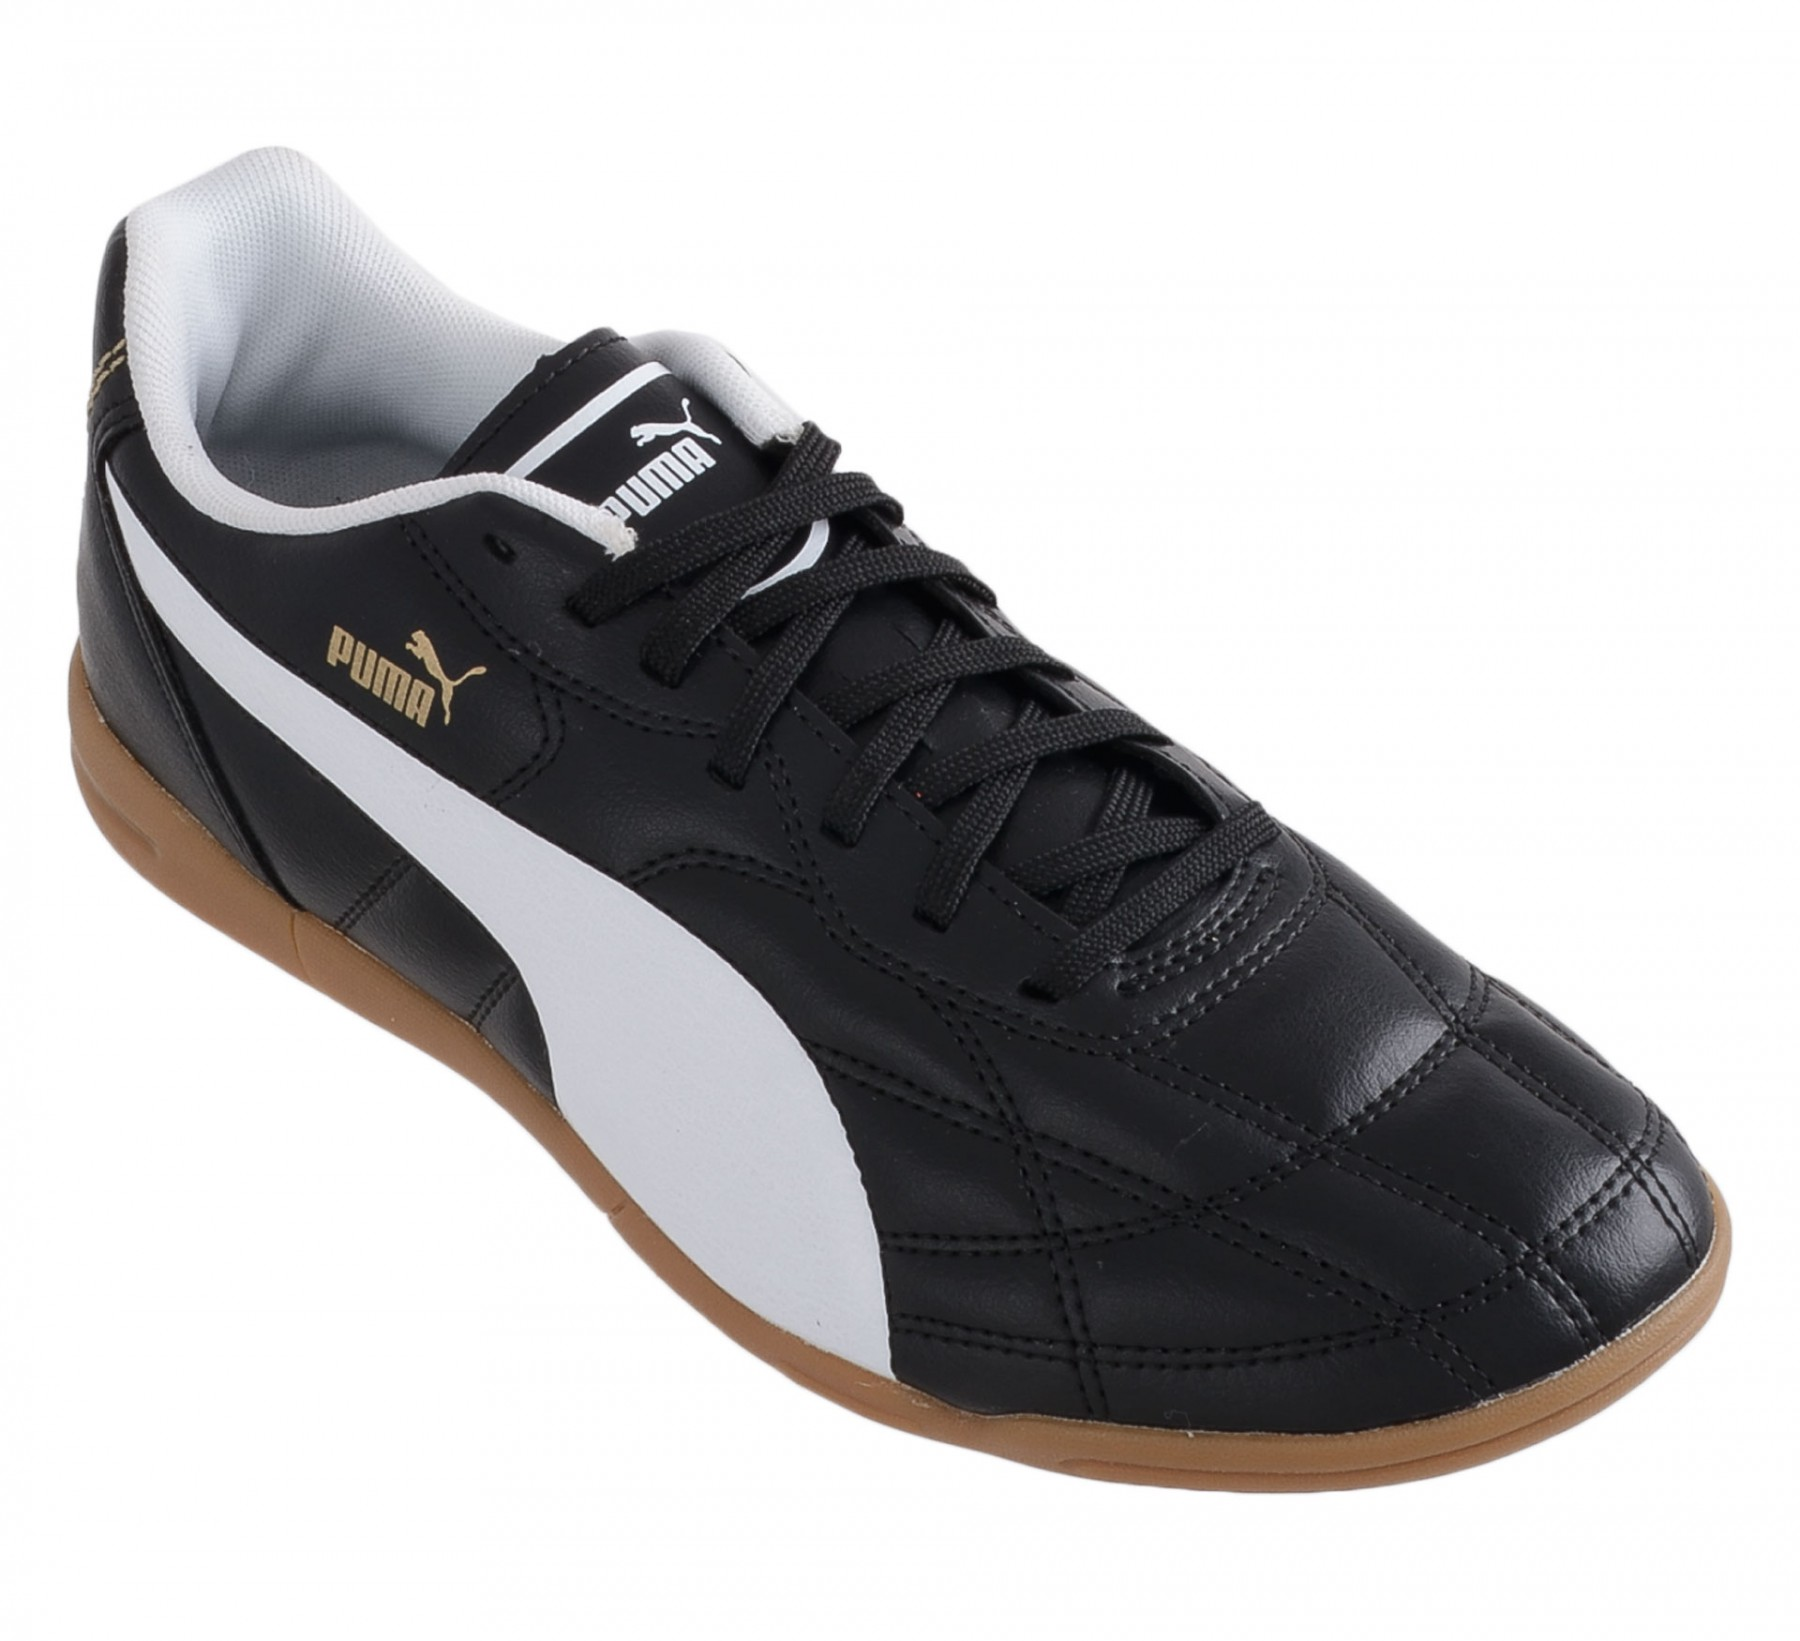 58054435755 Zwarte Puma voetbalschoenen online kopen? Grootste keuze in zwarte ...